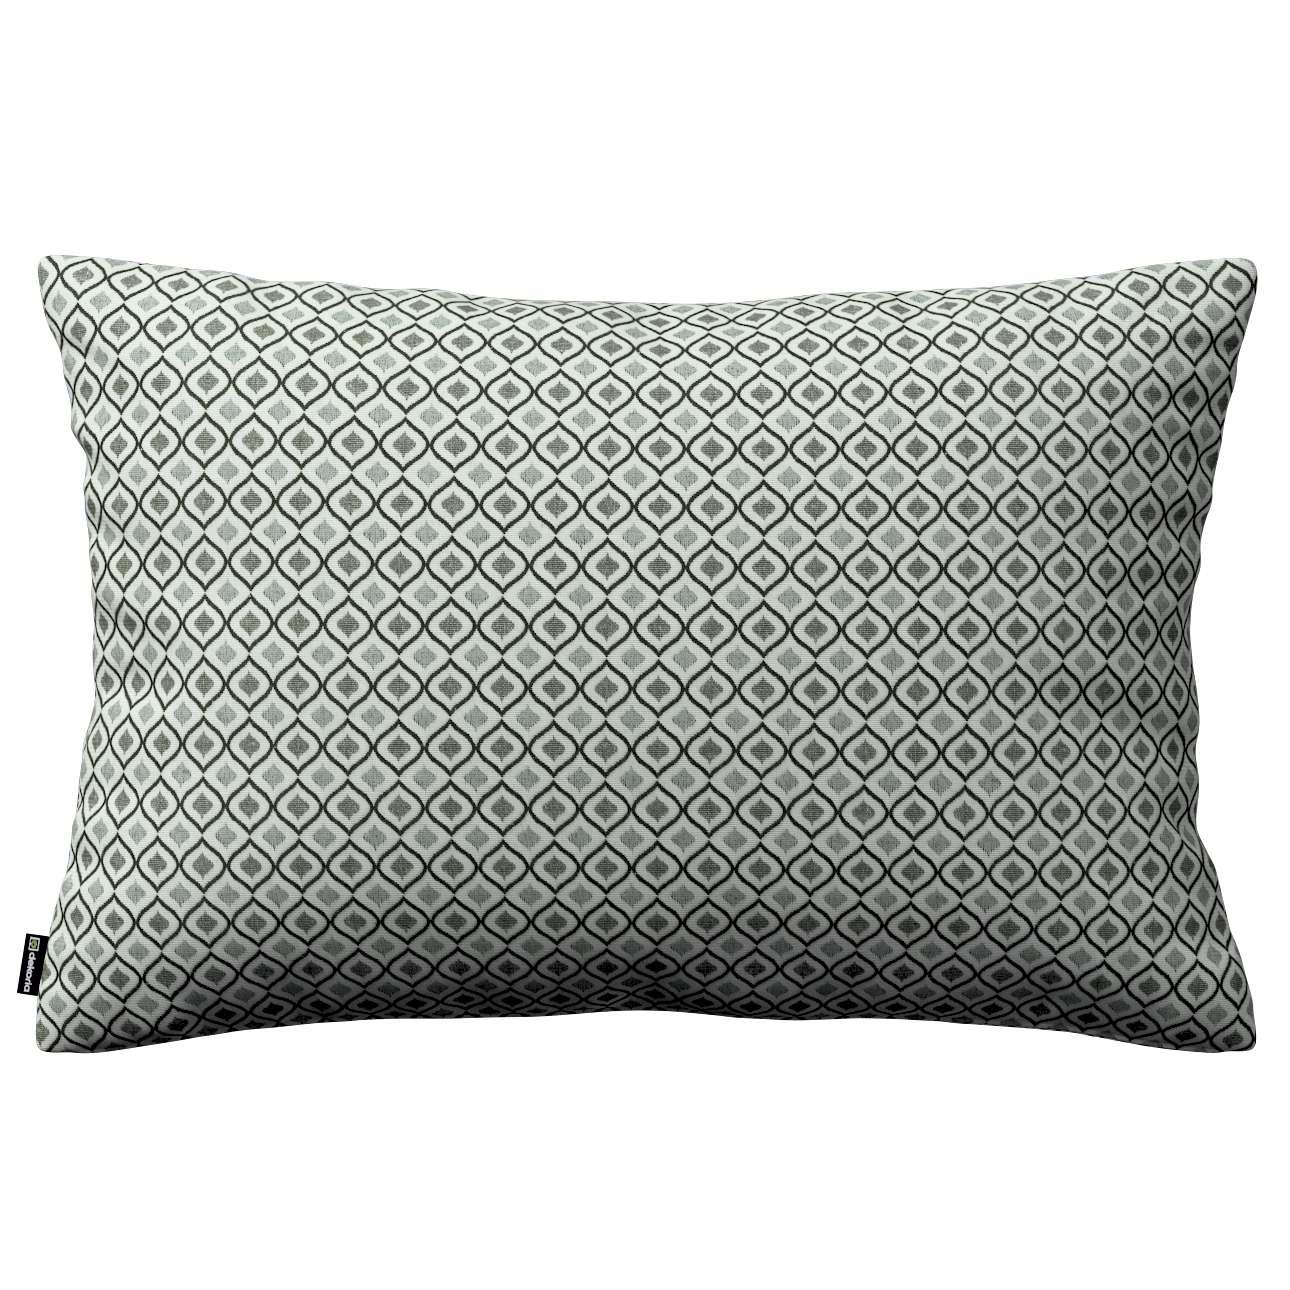 Poszewka Kinga na poduszkę prostokątną w kolekcji Black & White, tkanina: 142-76